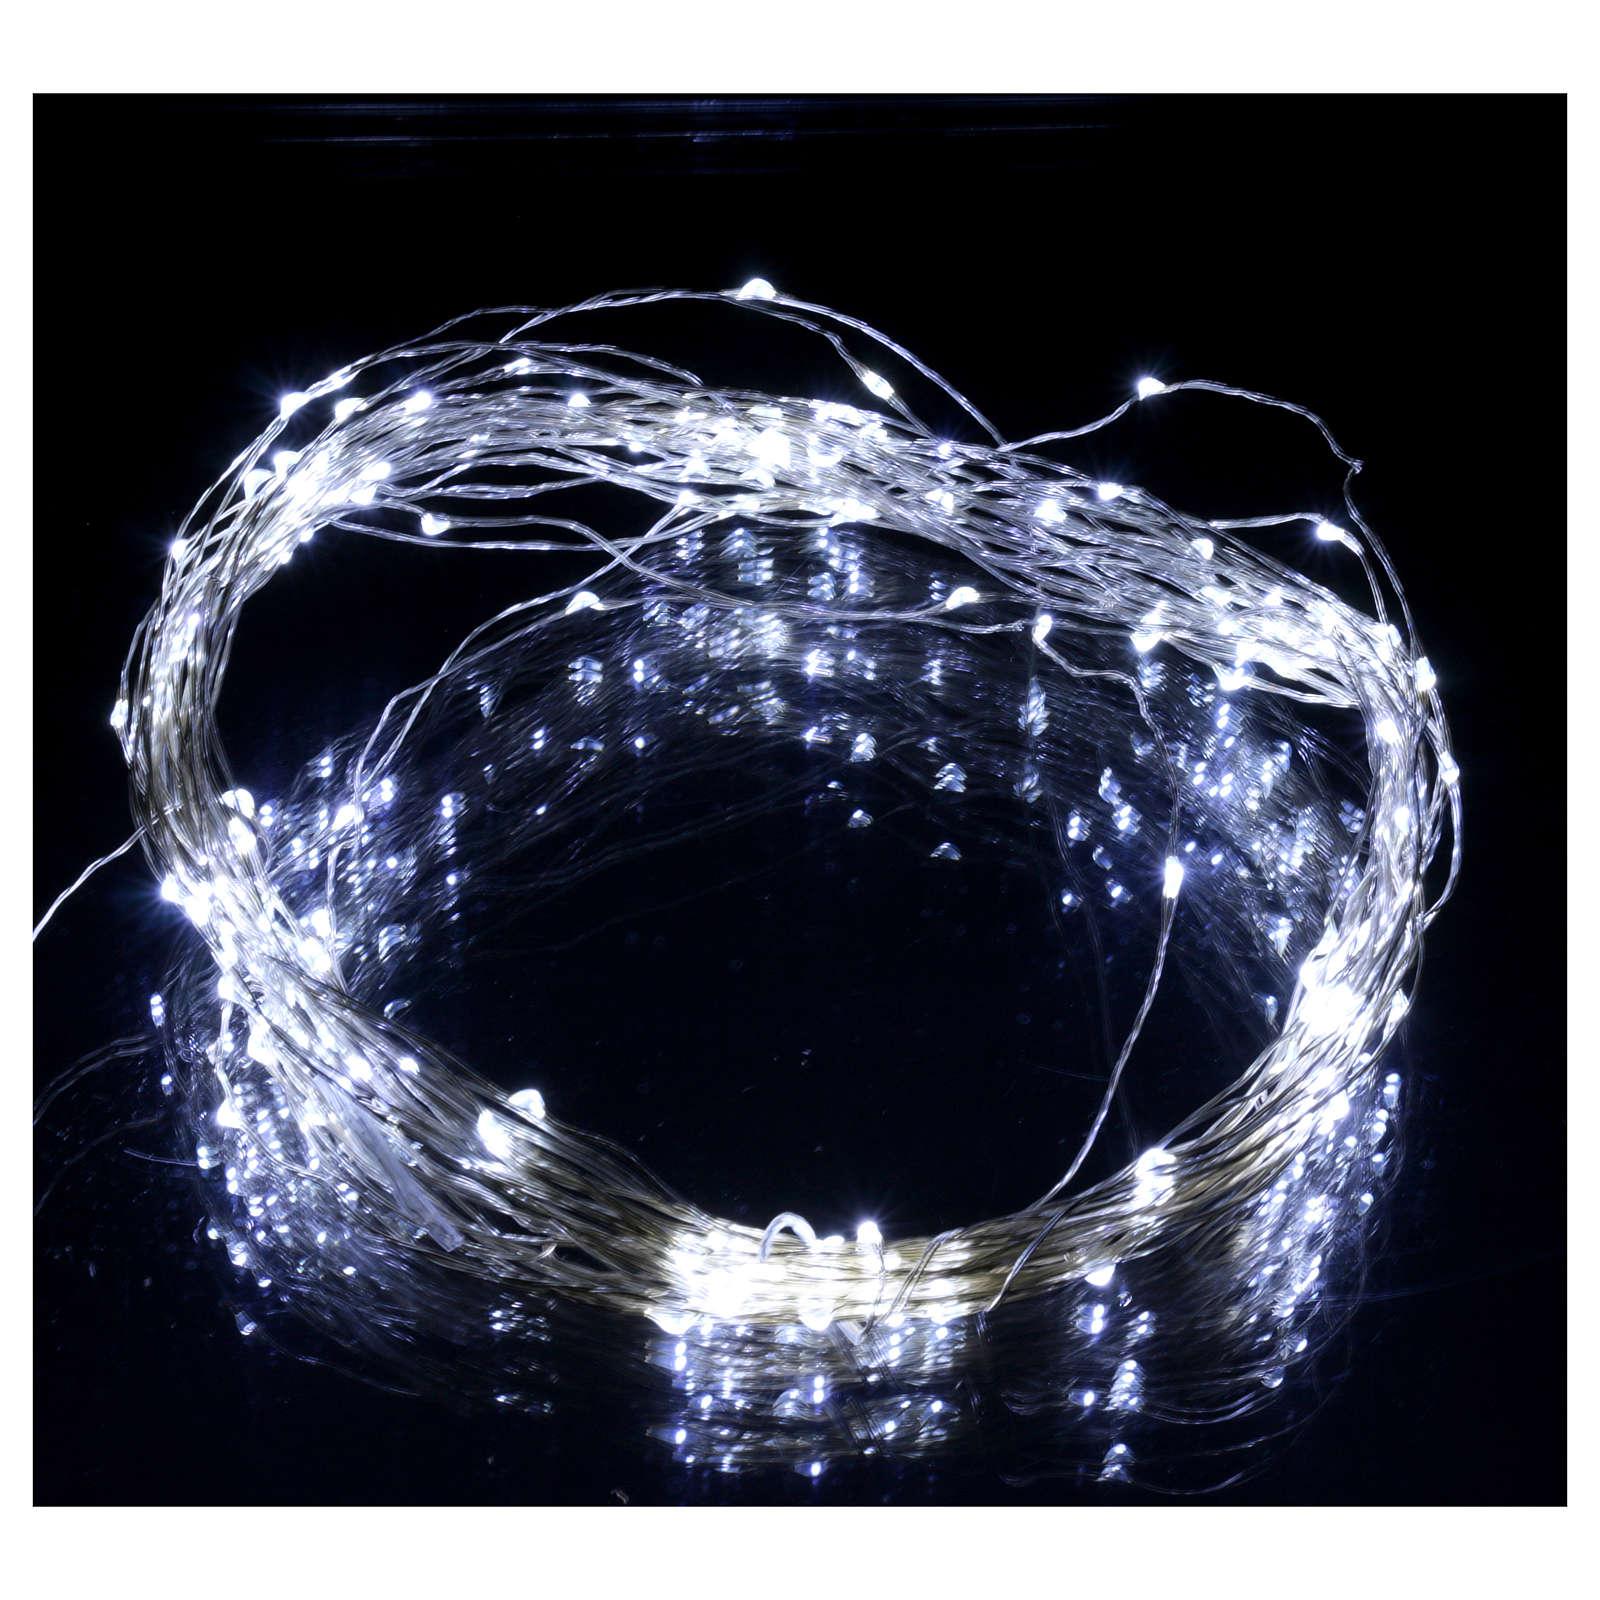 Luce natalizia 180 nano led ghiaccio solo uso interno 3